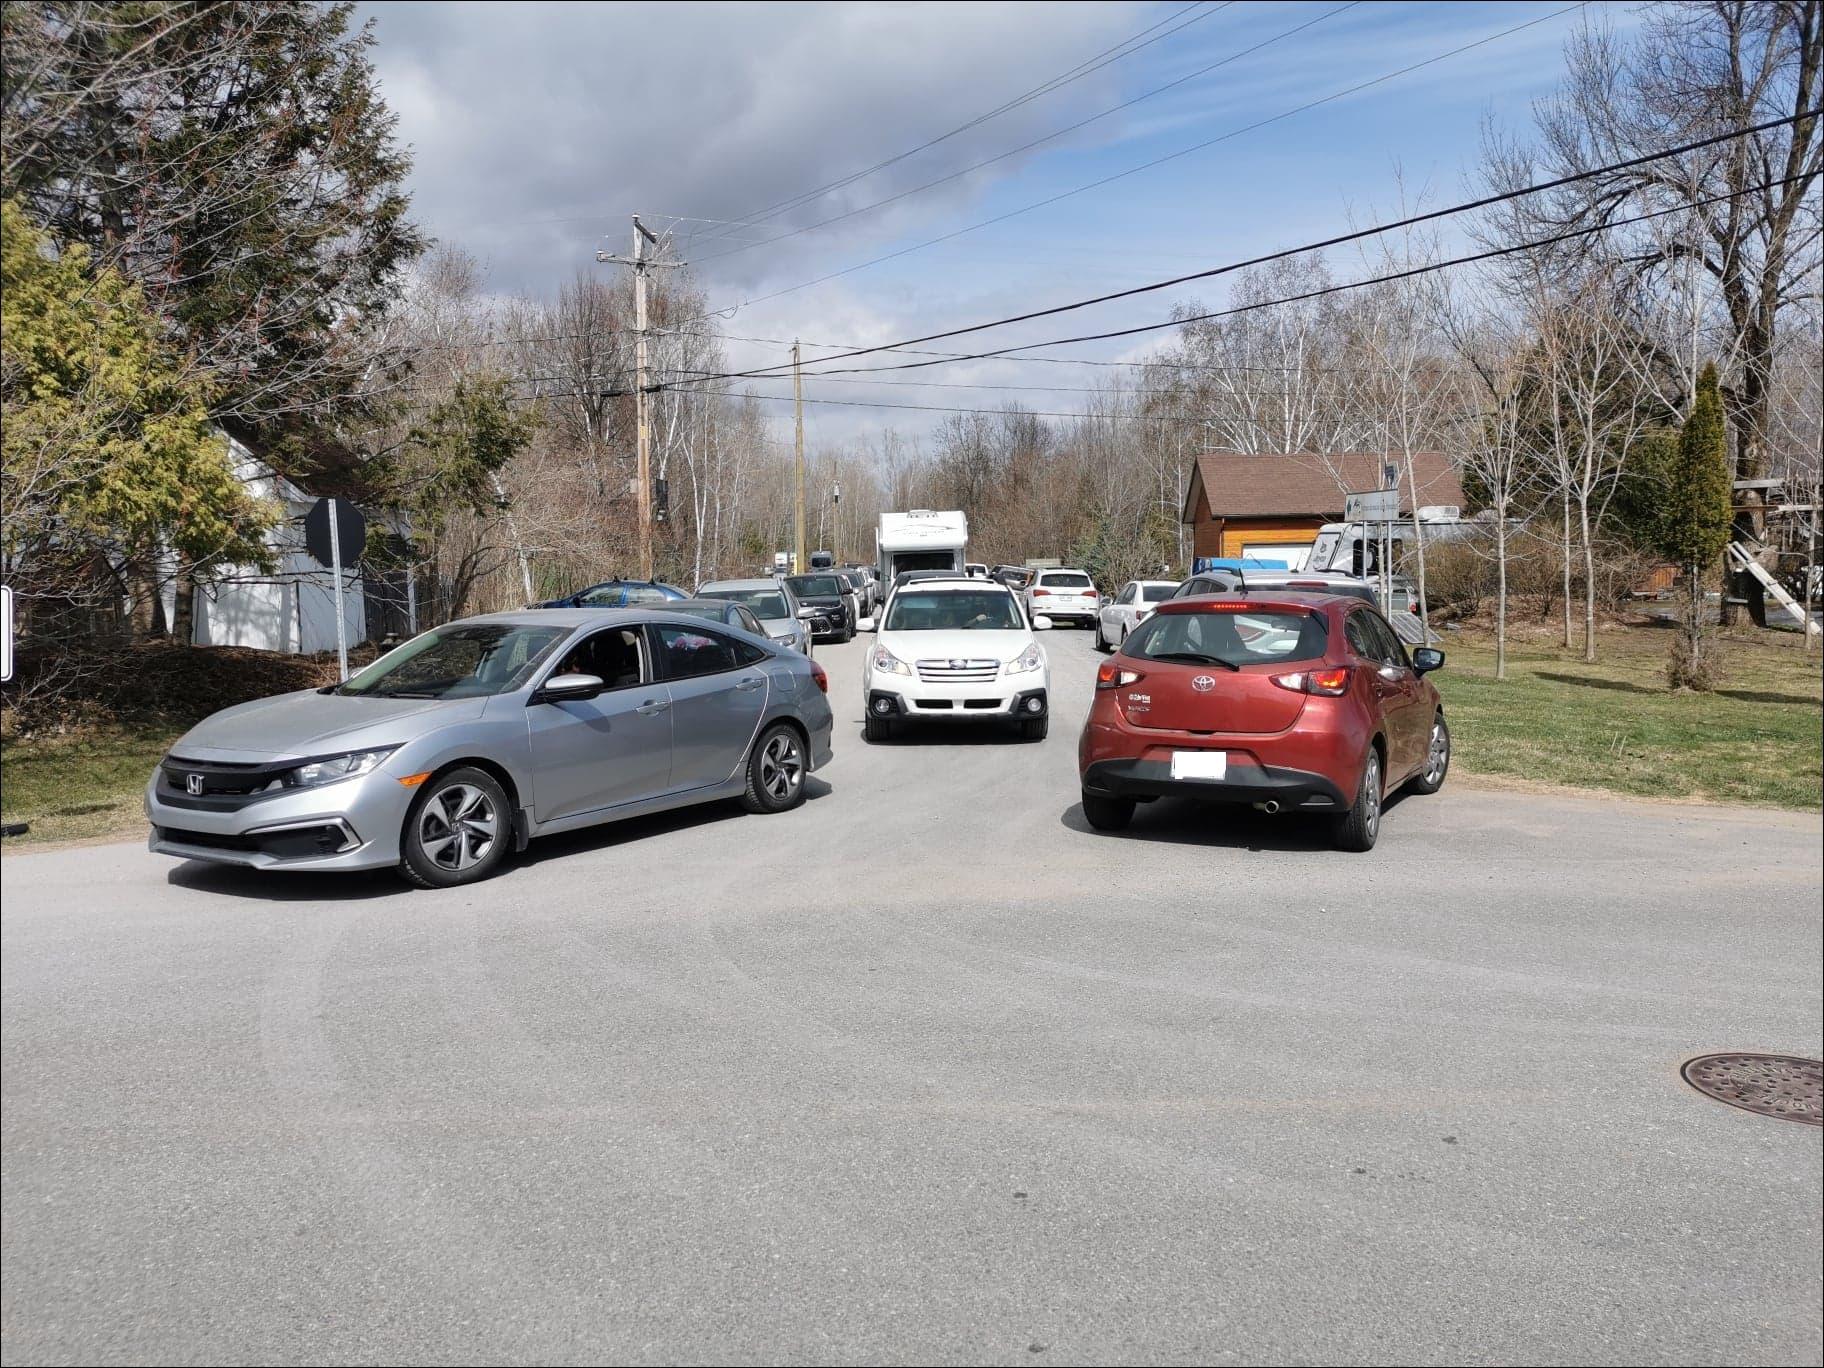 Rue bloquée par des stationnements improvisés